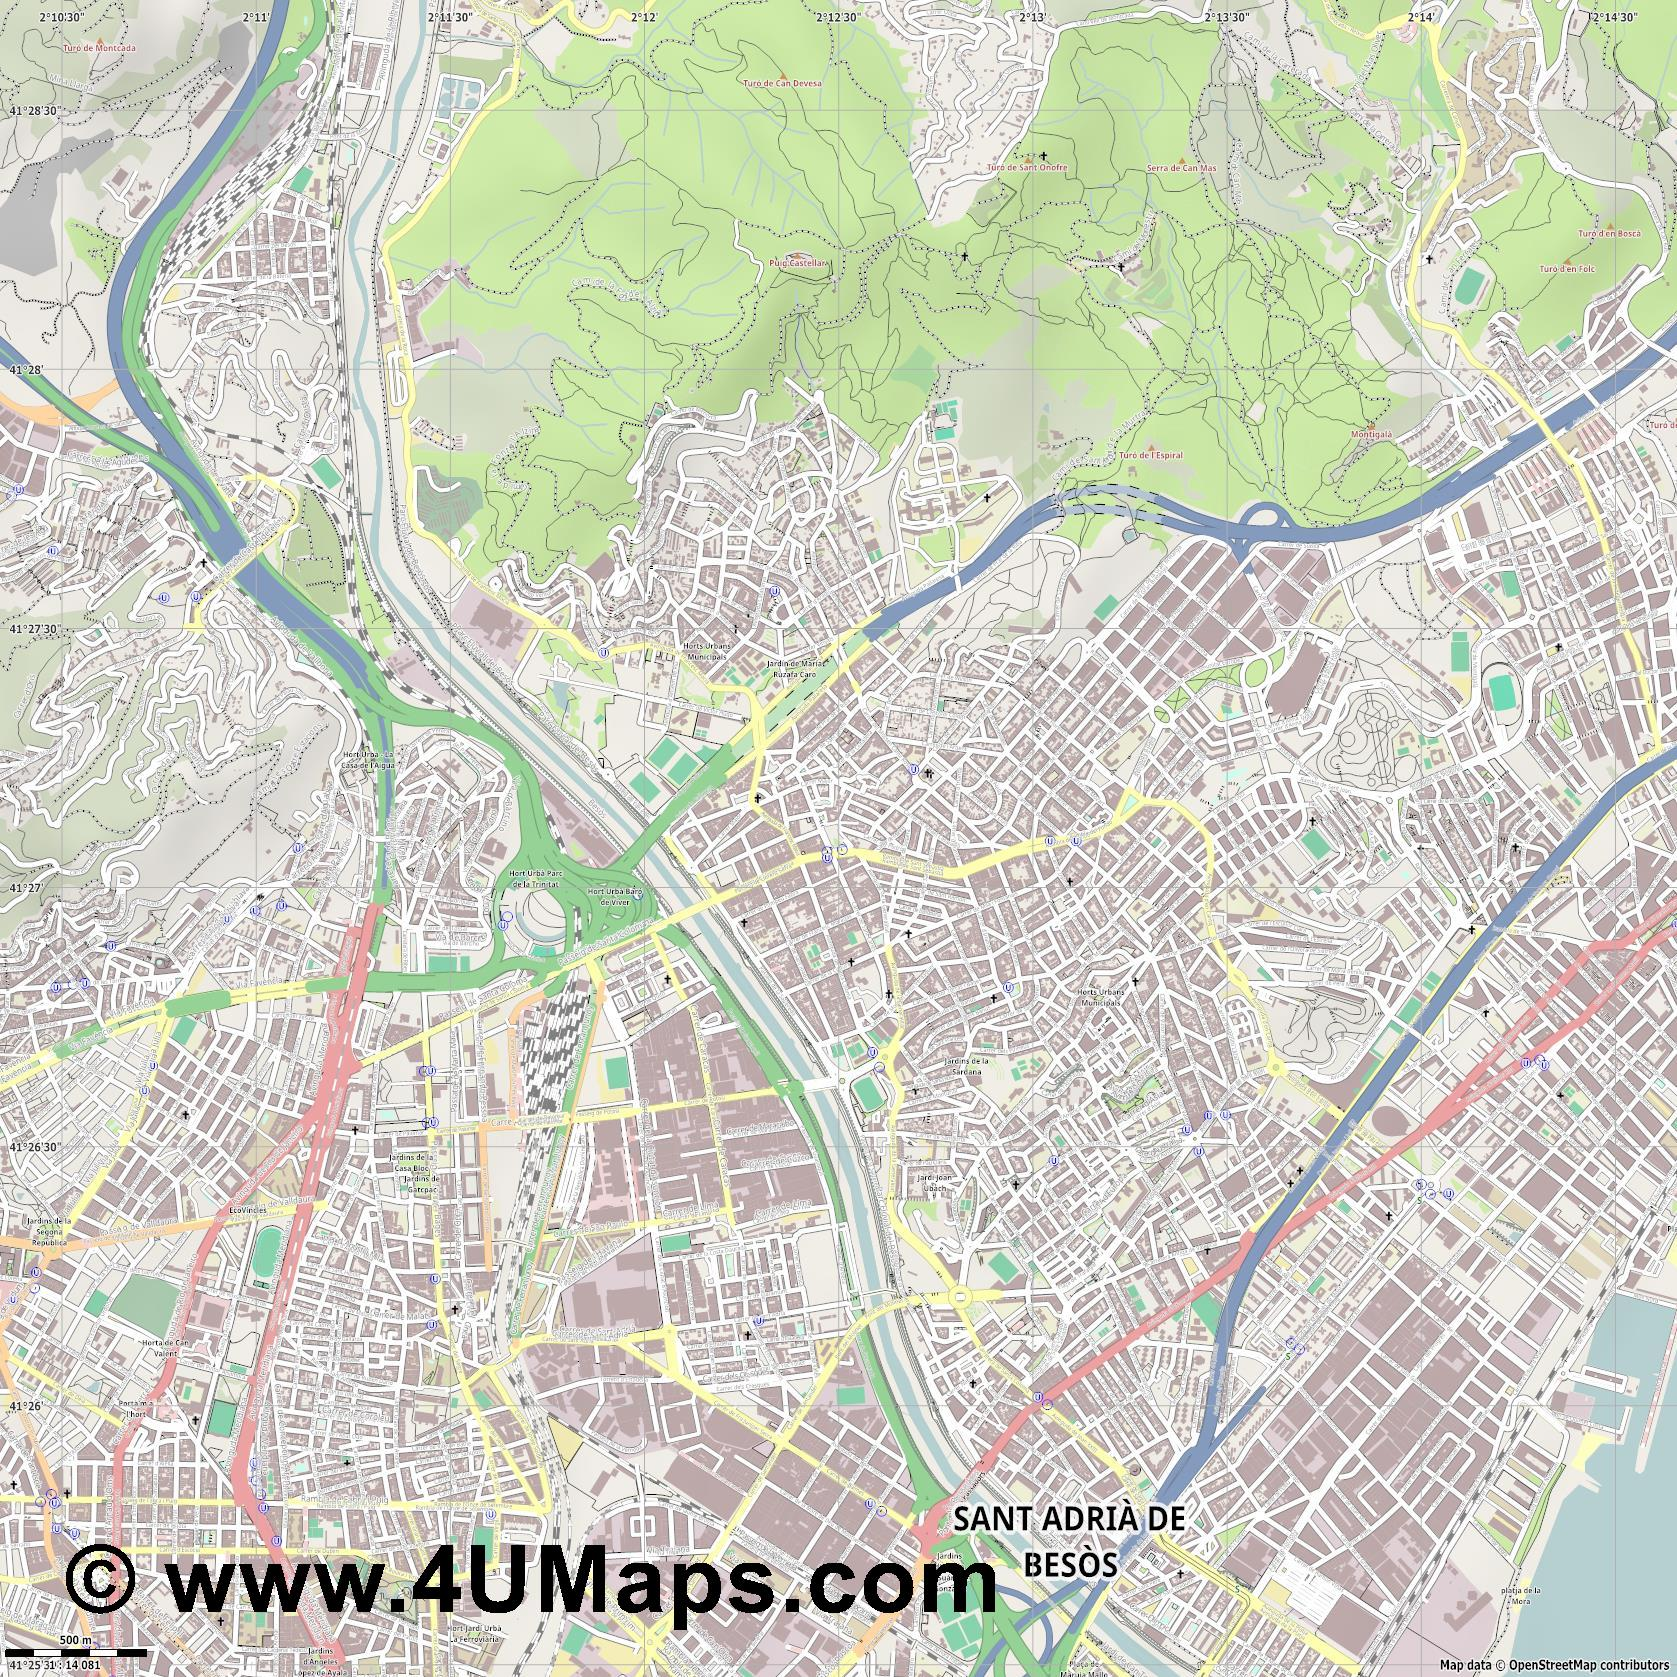 Pdf Svg Mapa Vectorial Escalable Mapa Vectorial Santa Coloma De